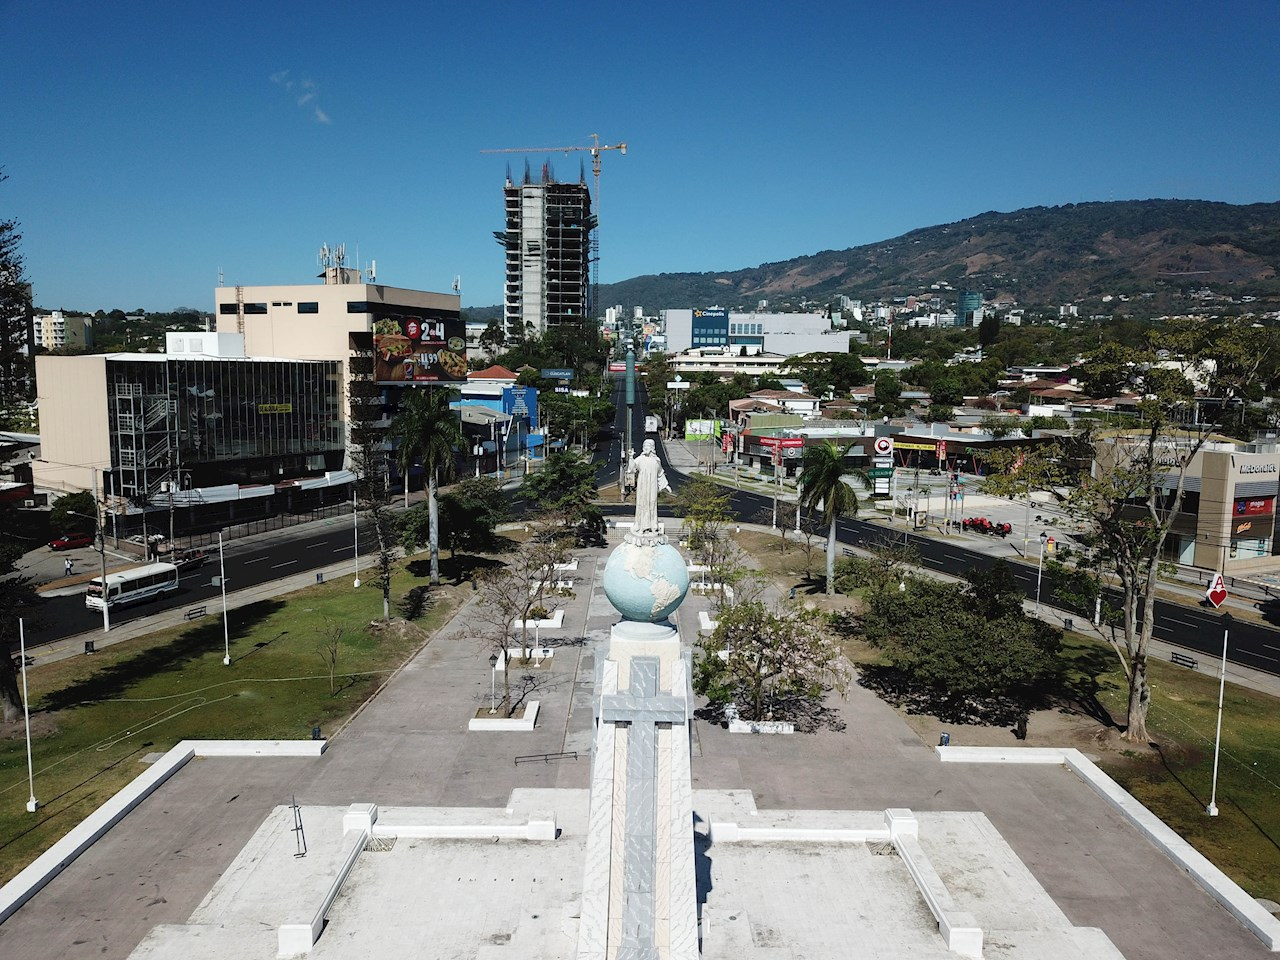 Centros comerciales de El Salvador cierran por la pandemia COVID-19